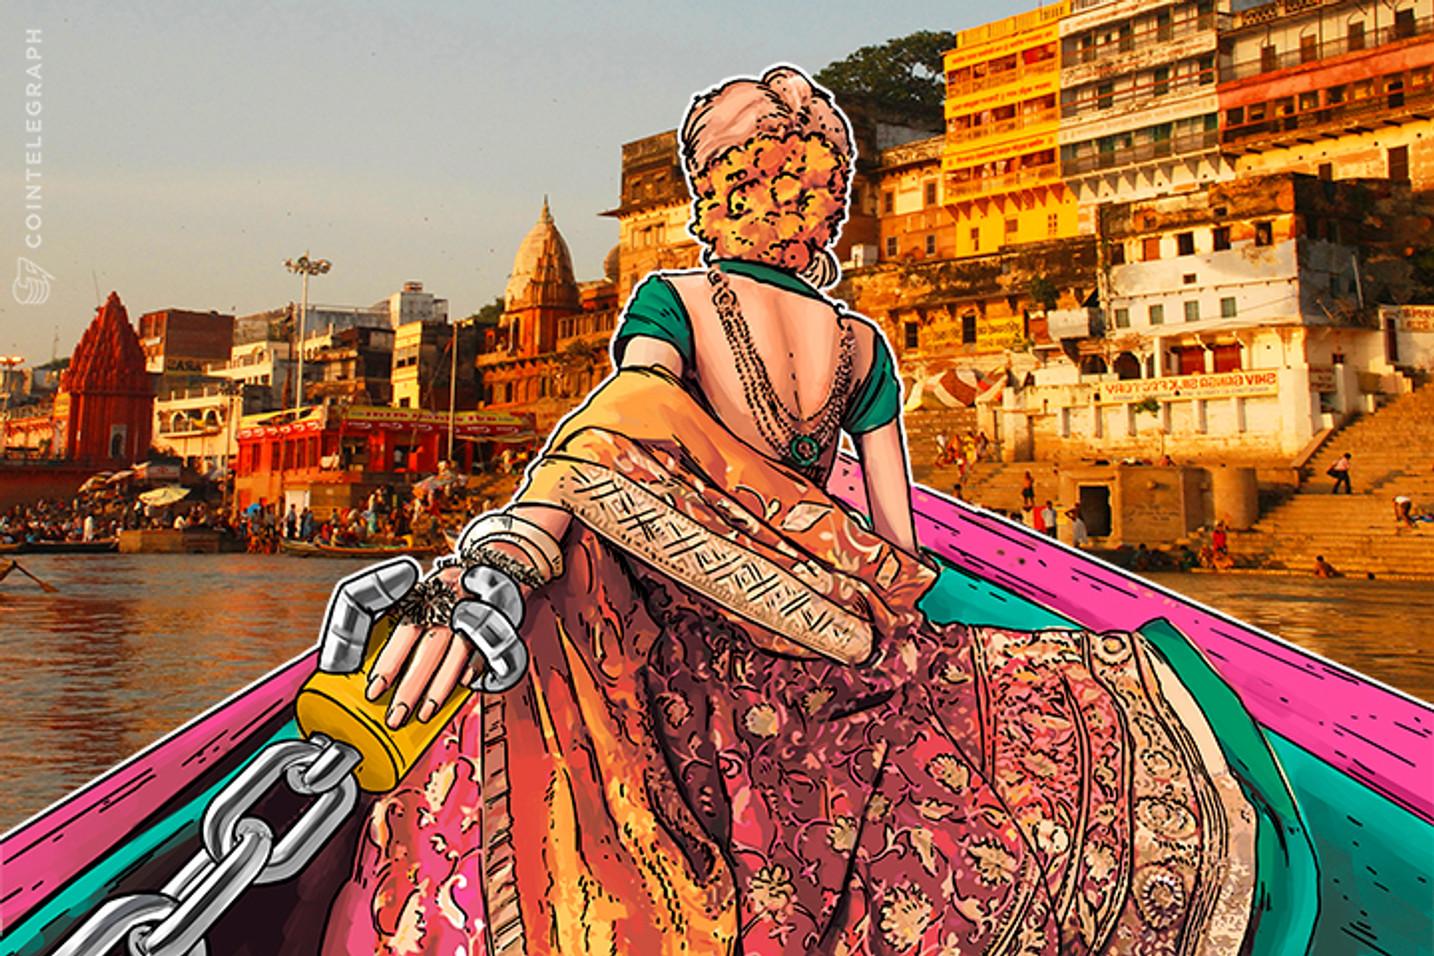 Lo que Blockchain tiene que ver con la prohibición india de PwC